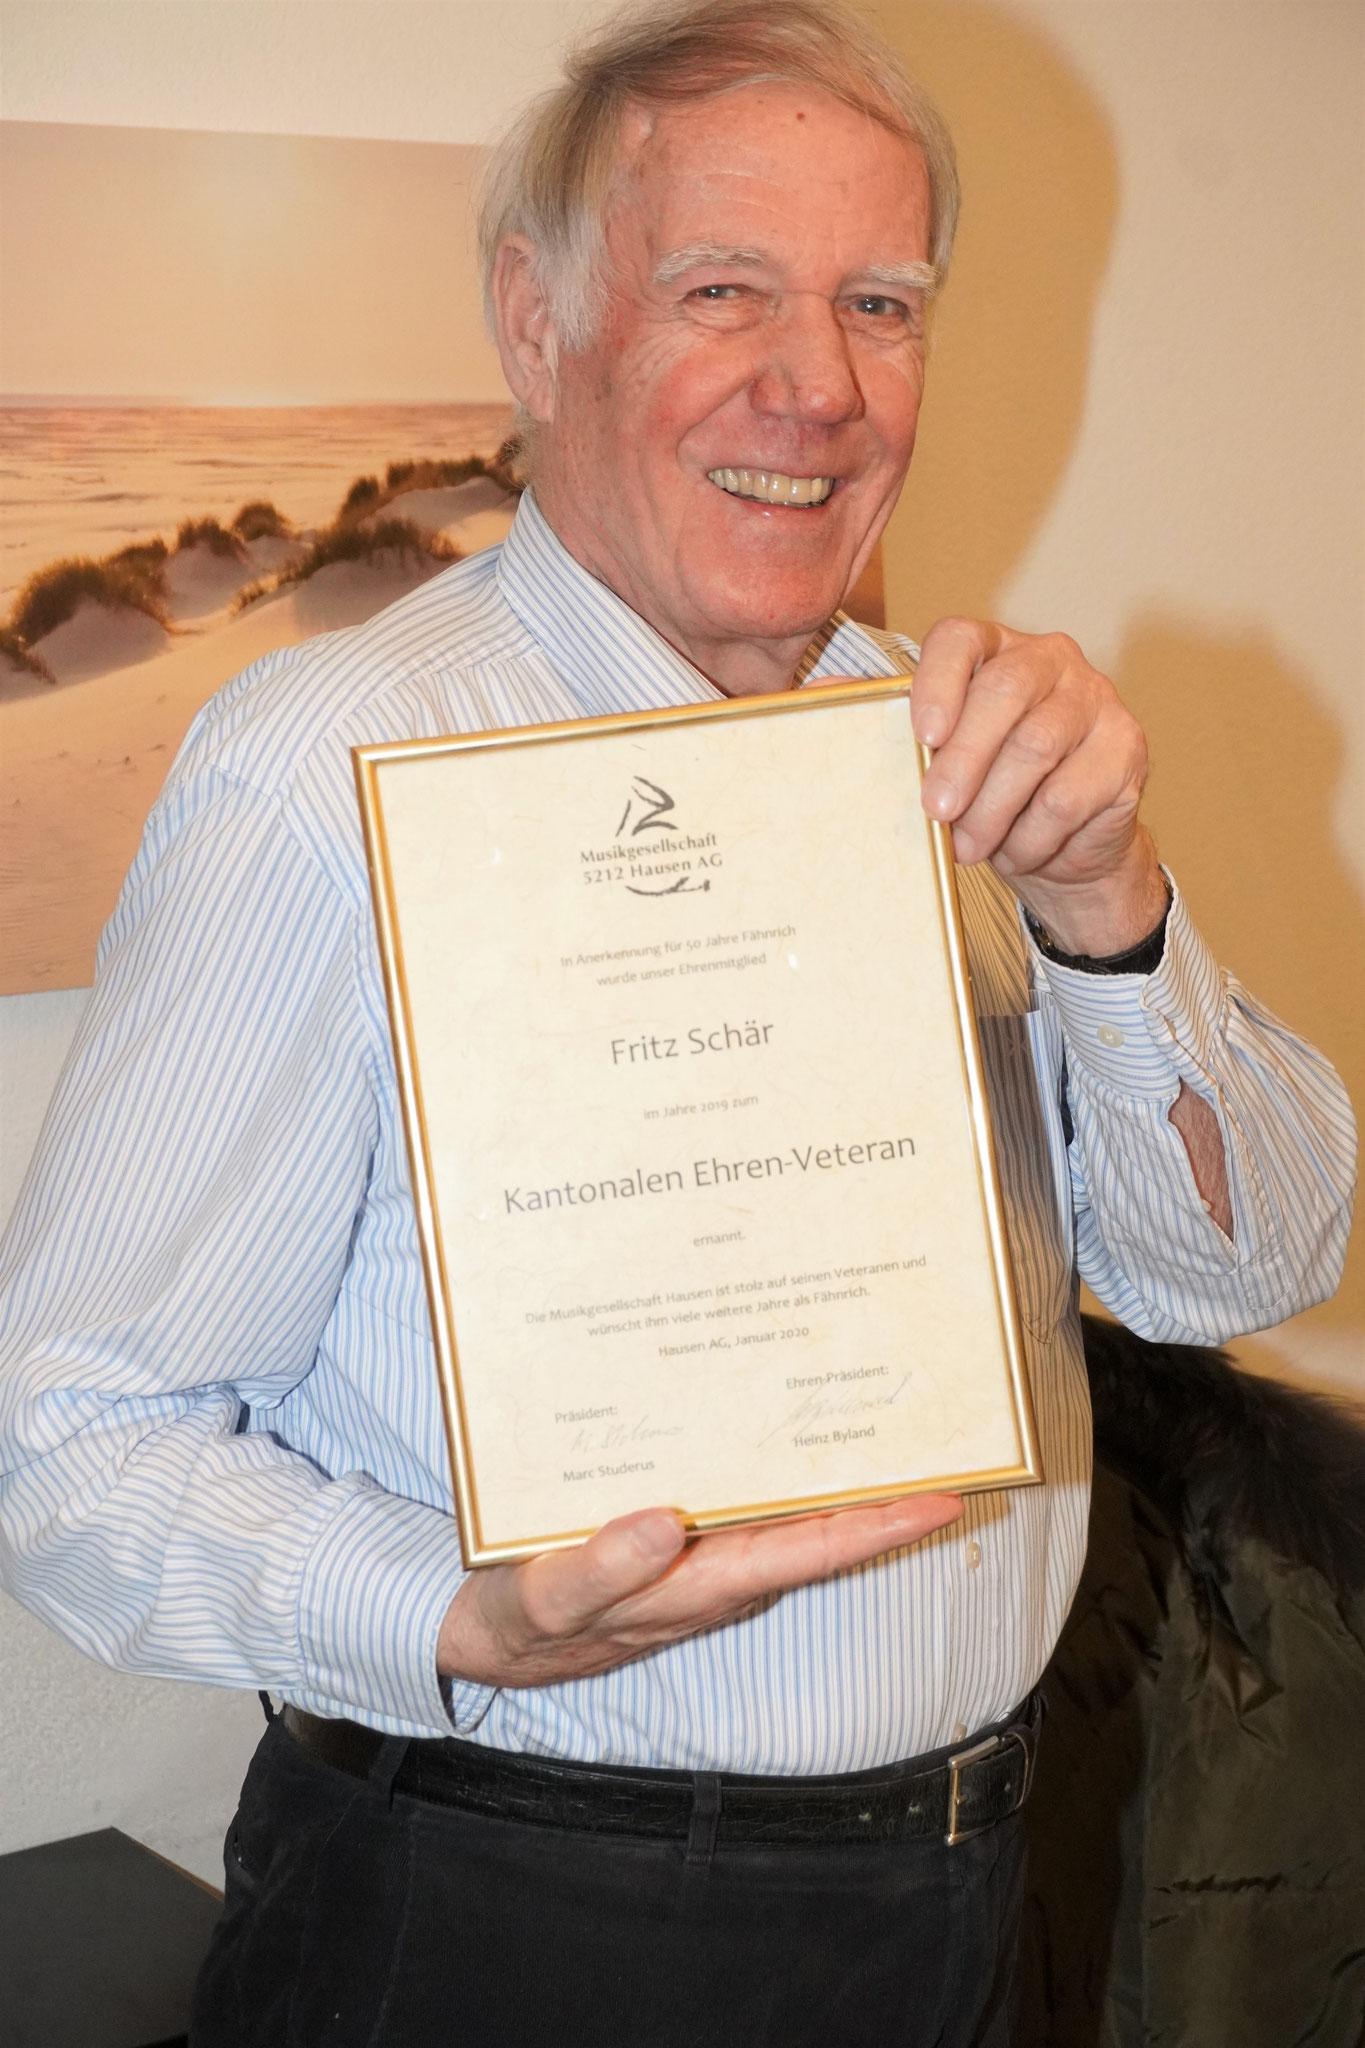 Unser Fähnrich Fritz Schär wird auch an der GV geehrt für seine 50 Aktivjahre.